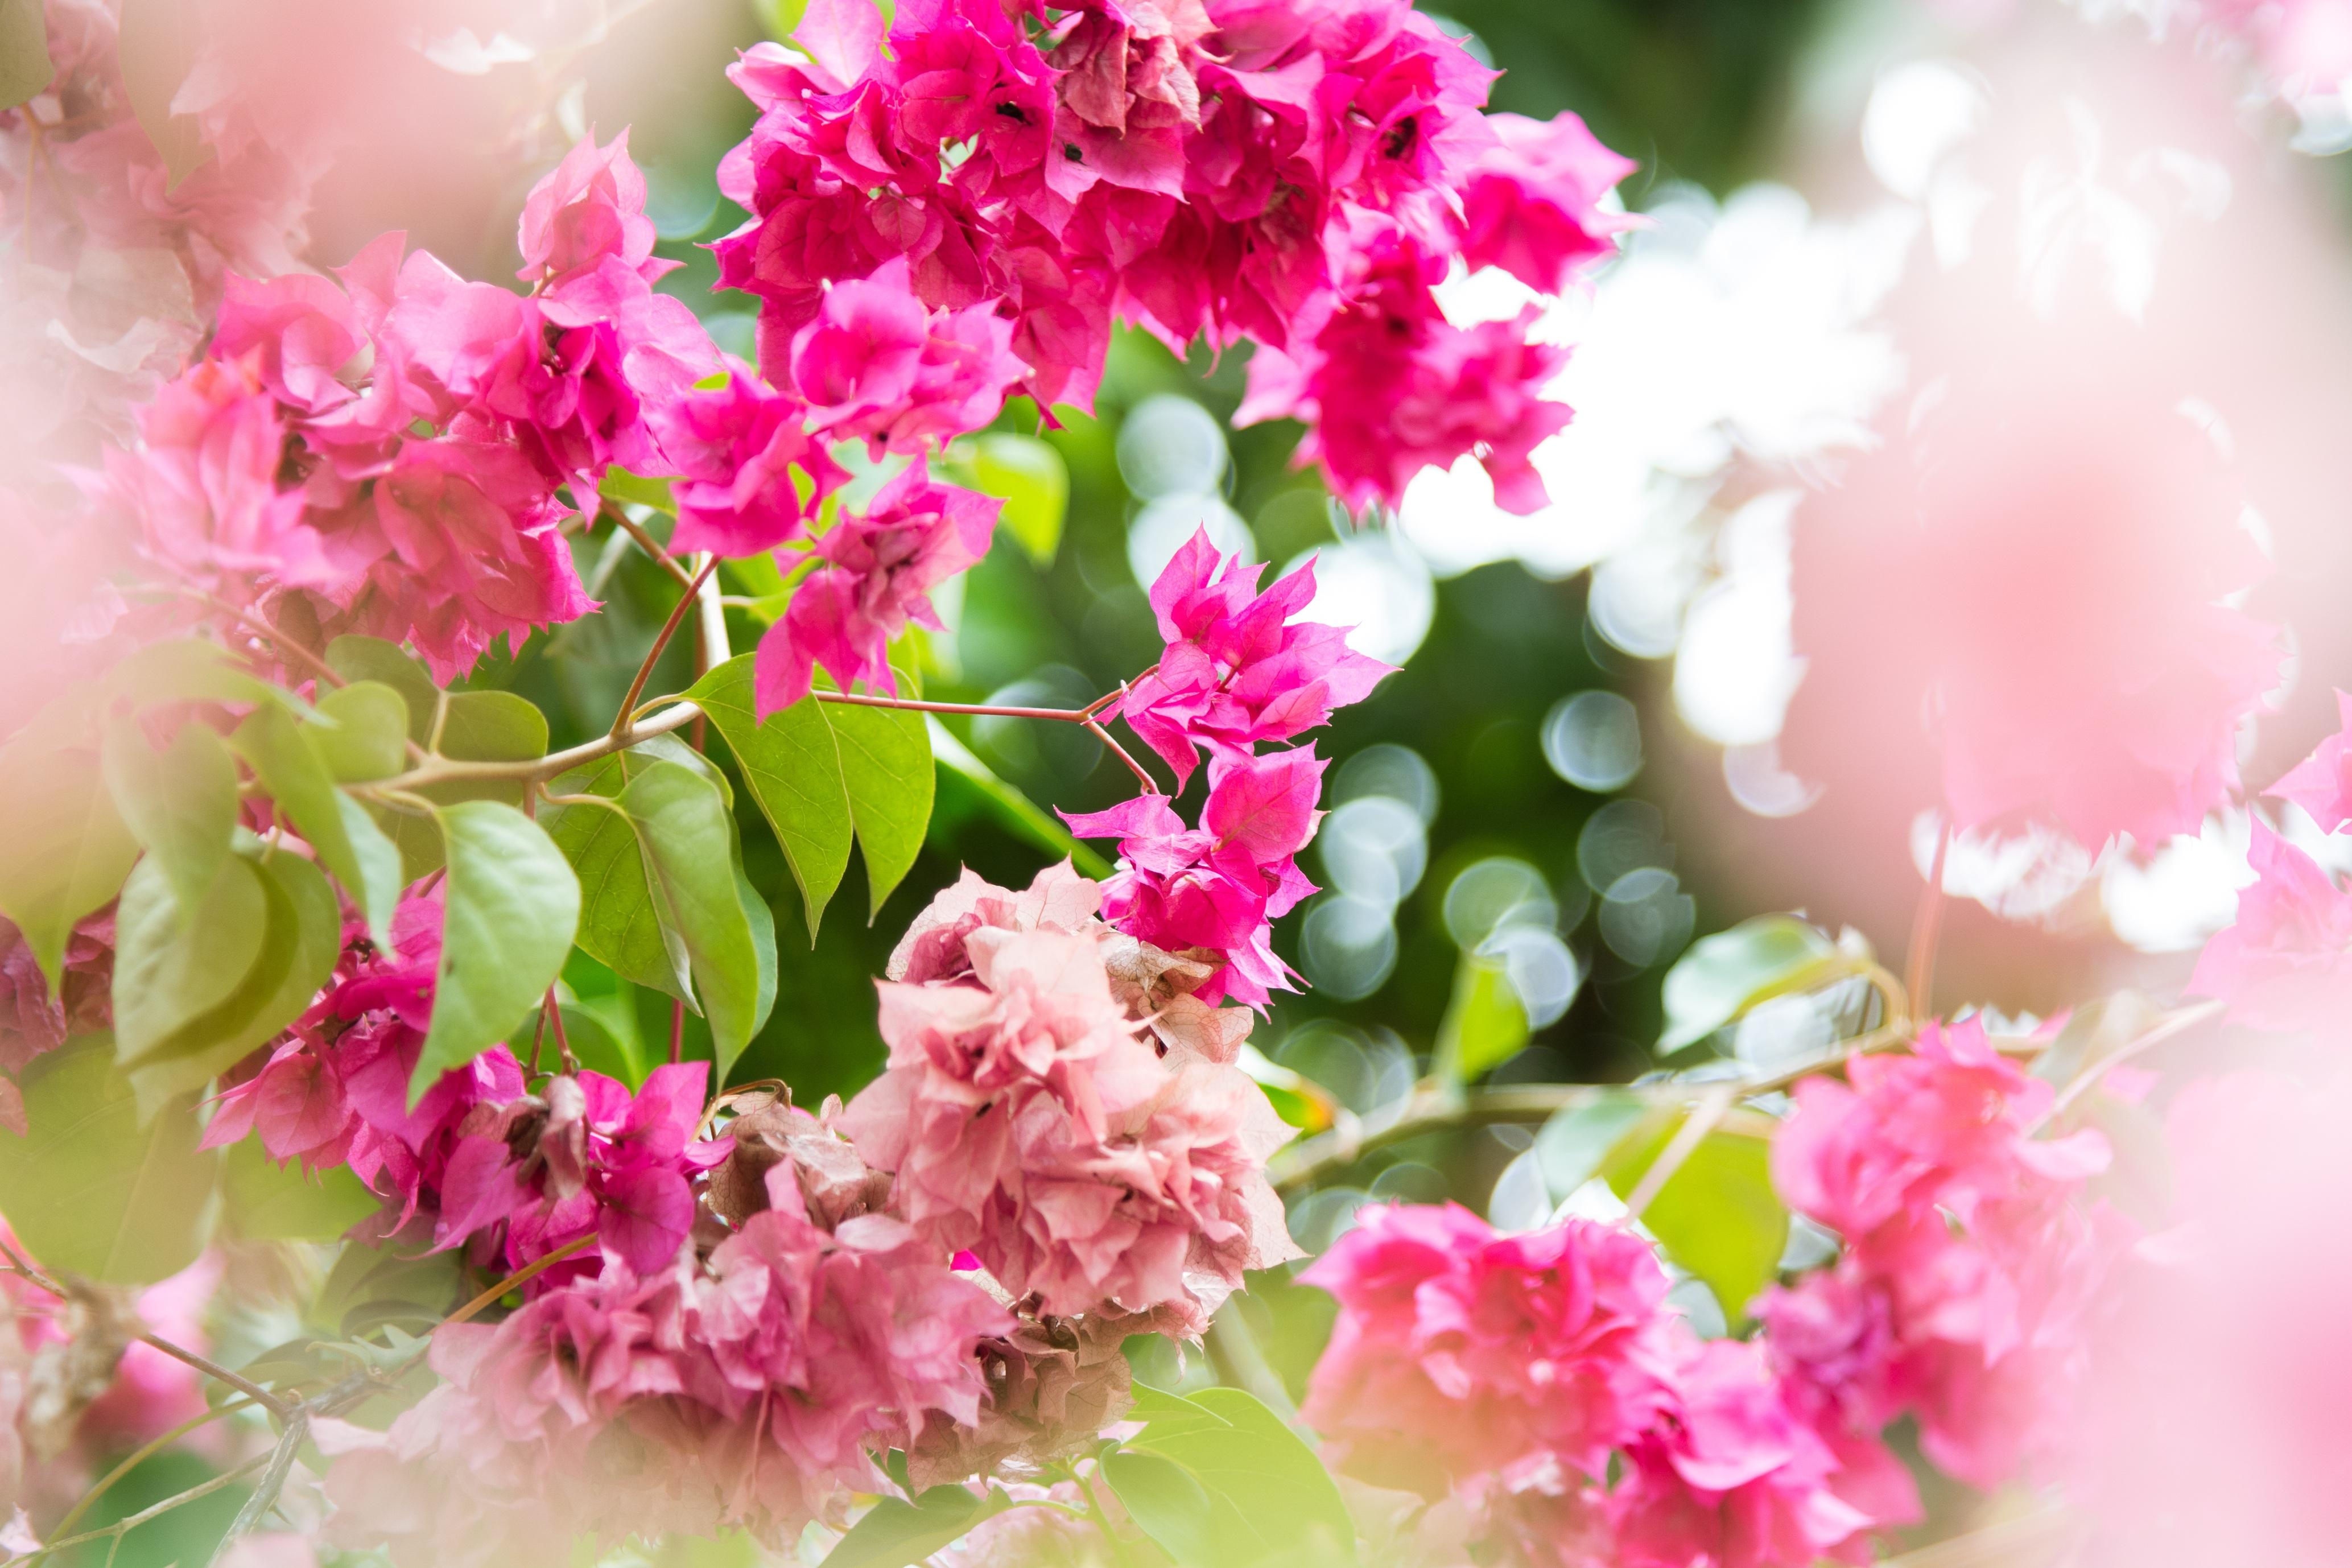 Gambar Cabang Mekar Menanam Putih Daun Bunga Musim